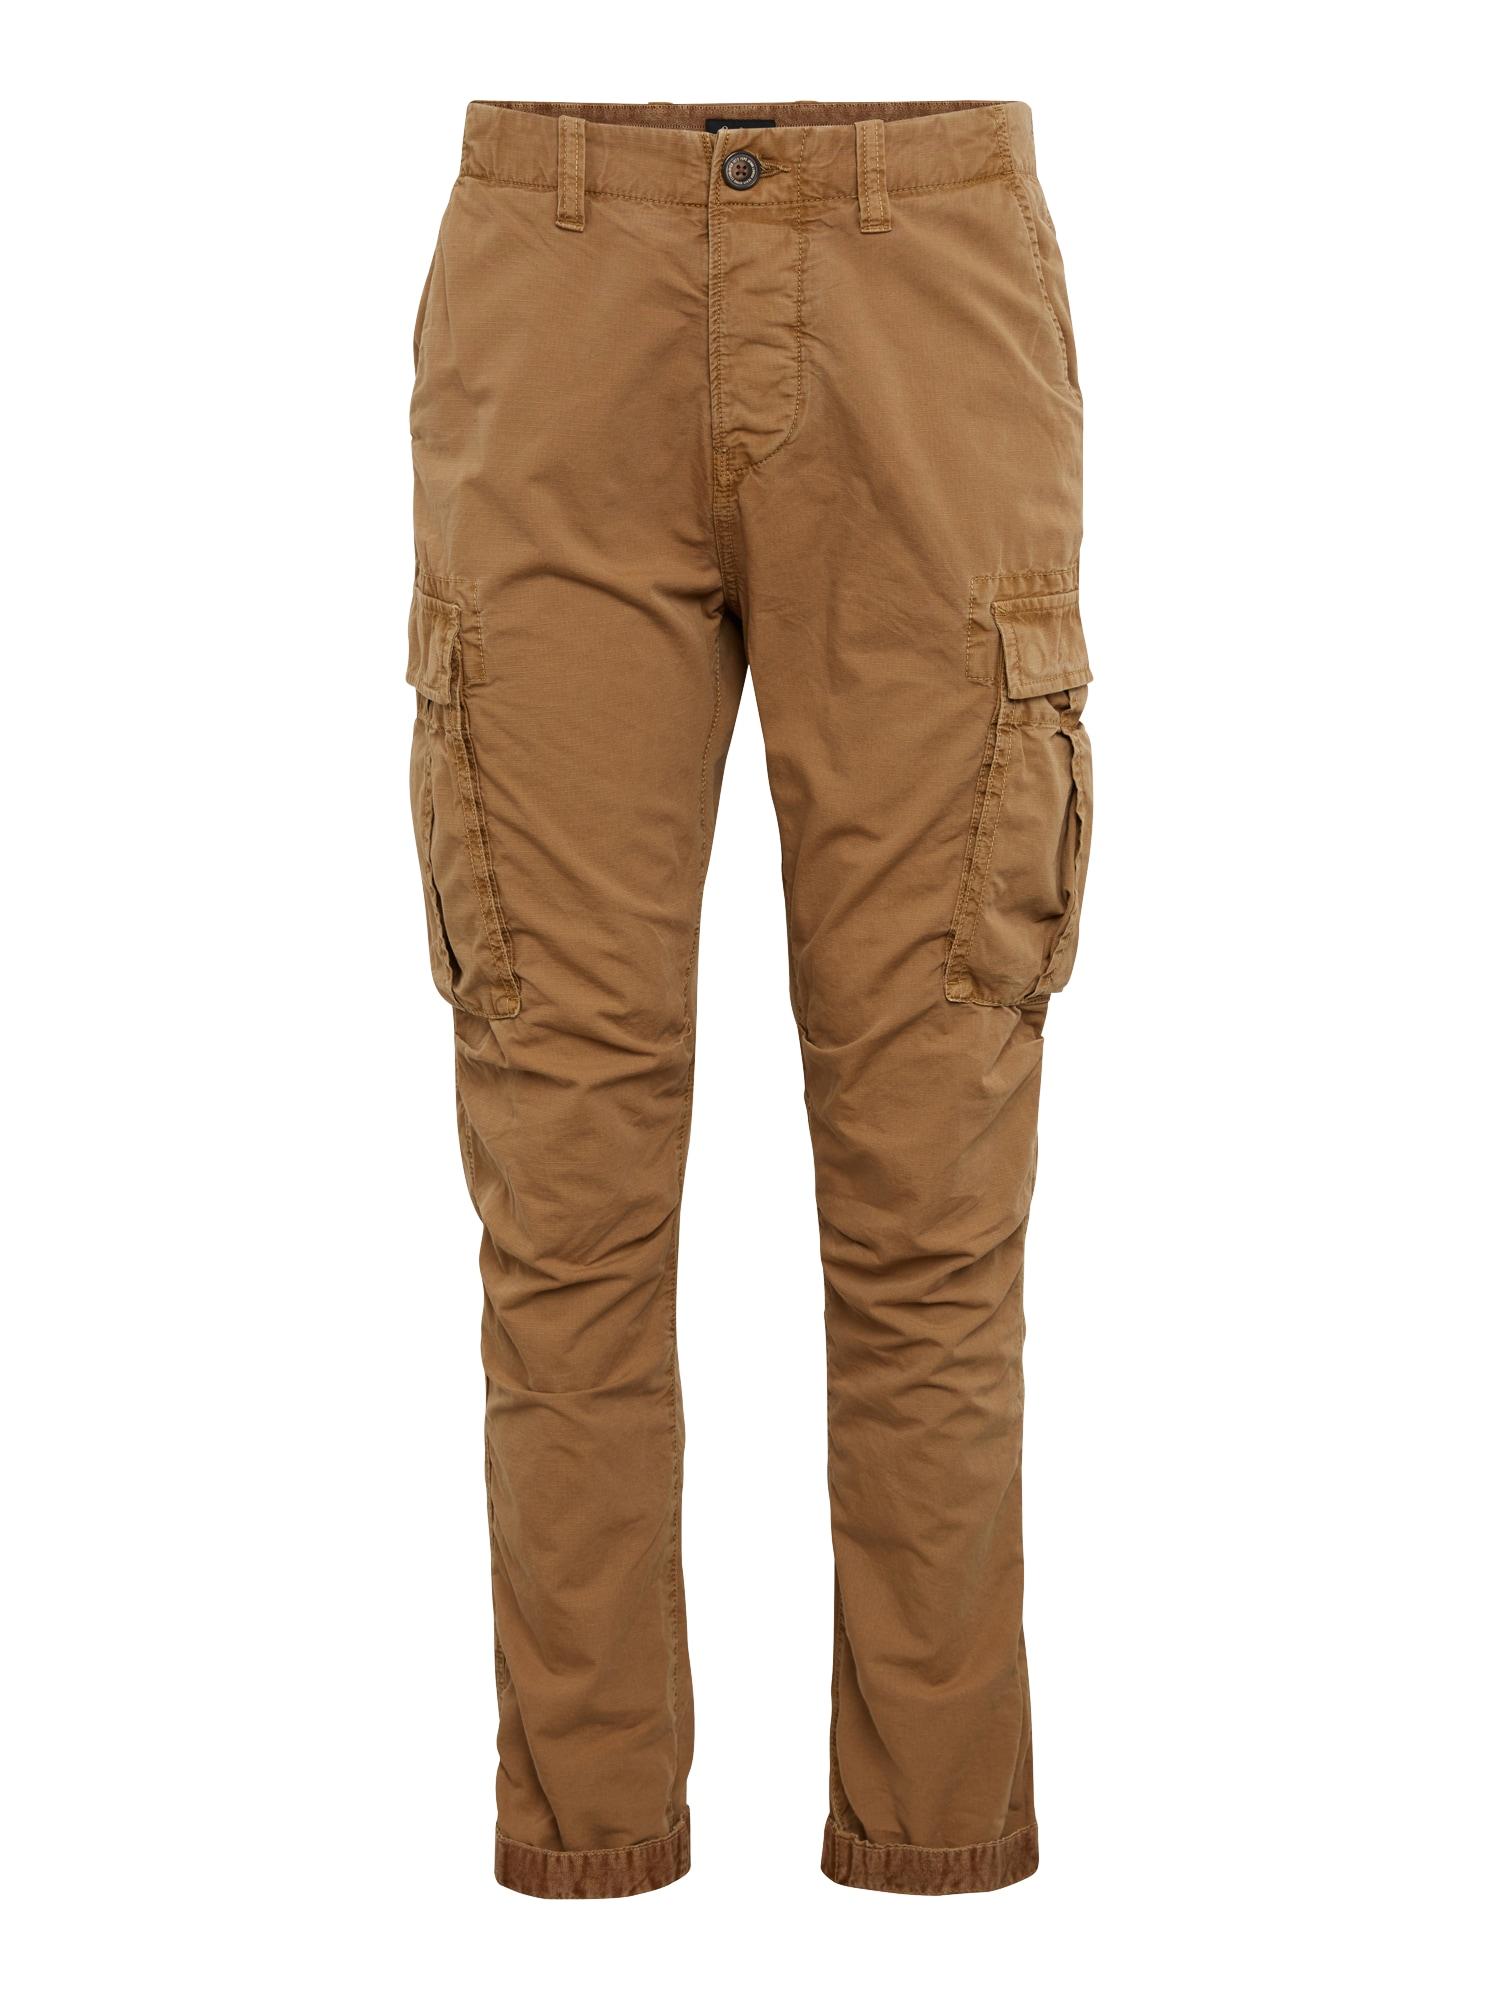 Pepe Jeans Heren Cargobroek JOURNEY RIBSTOP beige